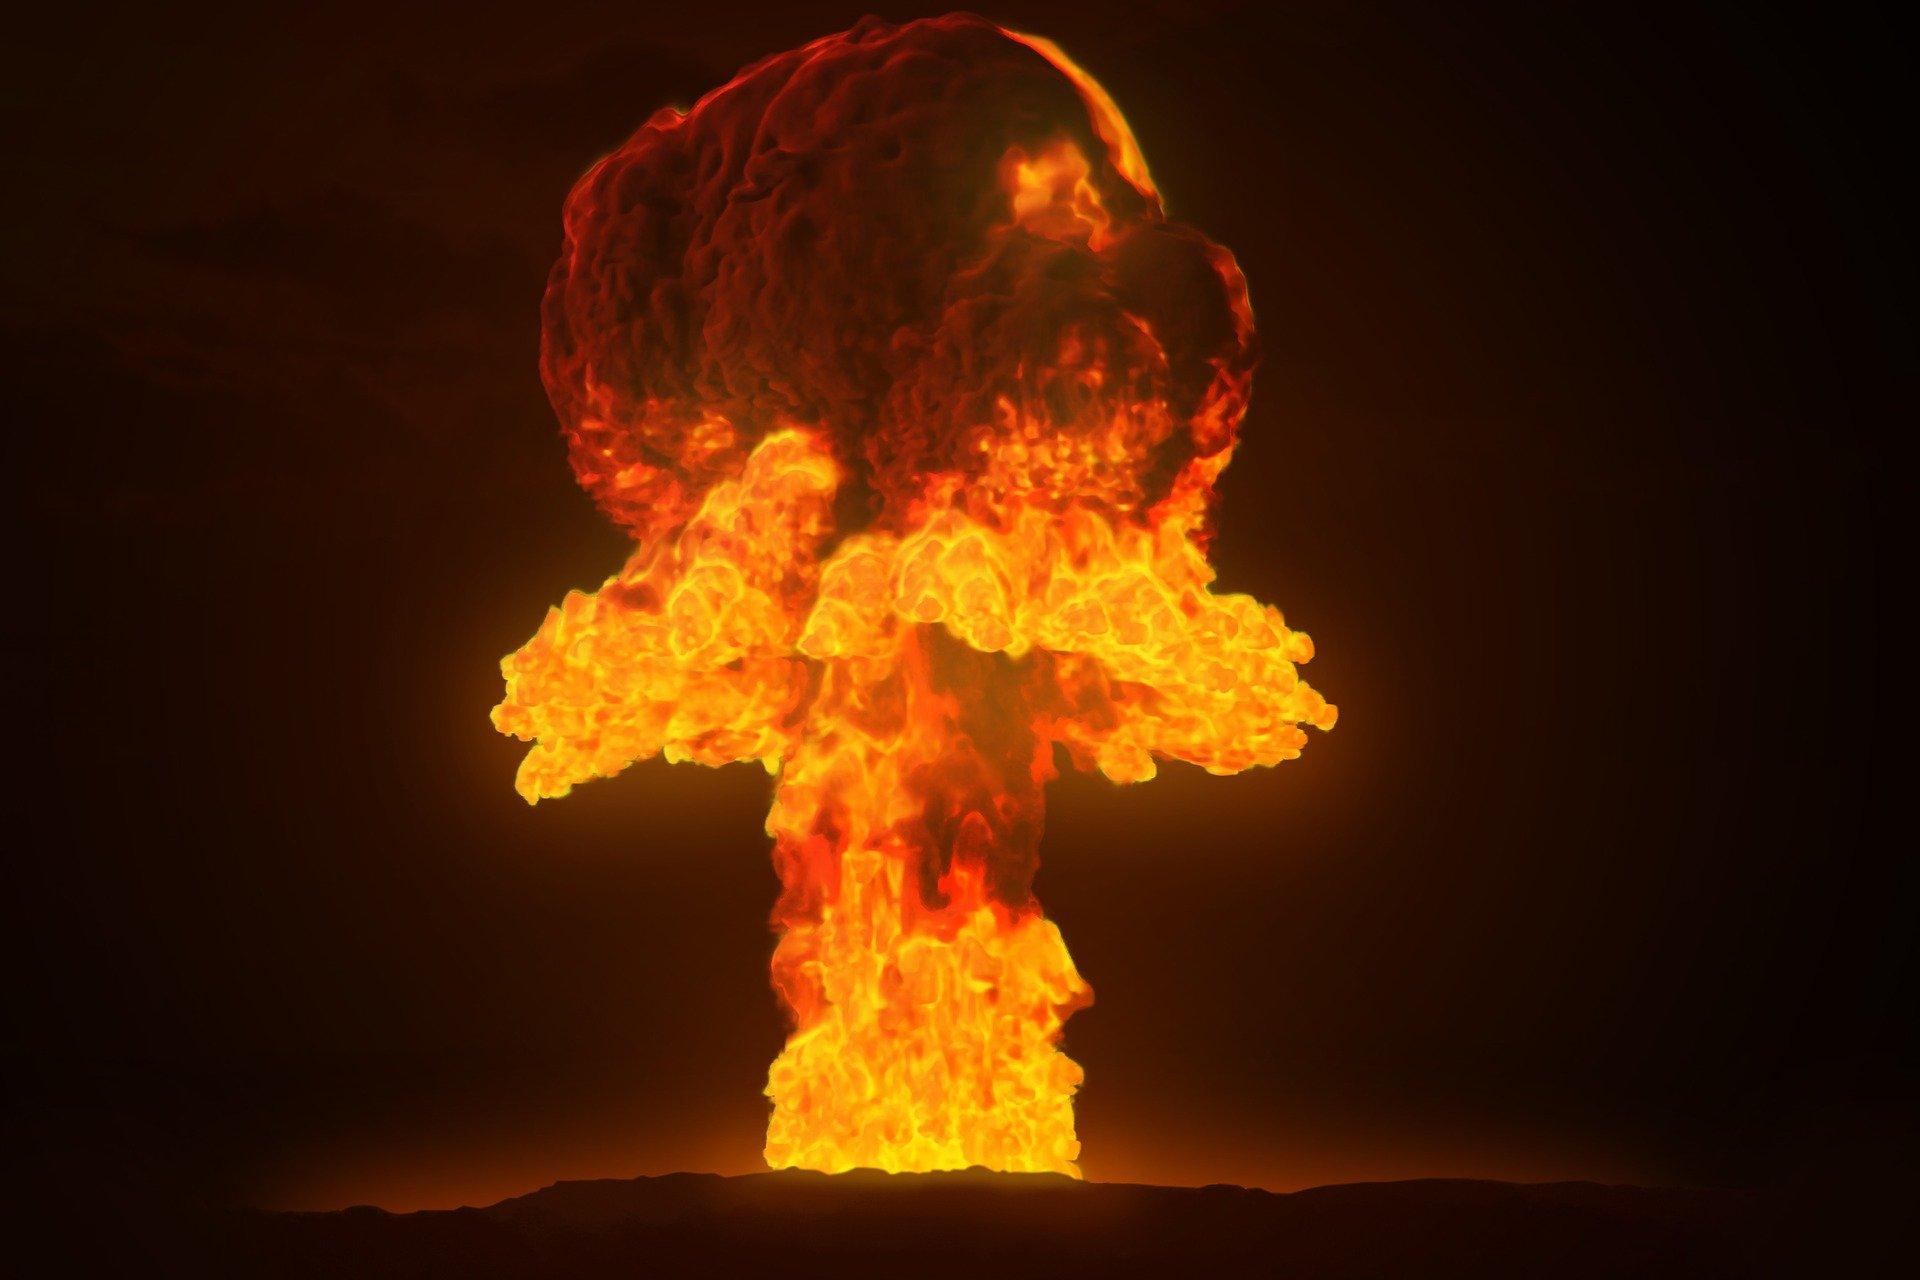 can a boiler explode?